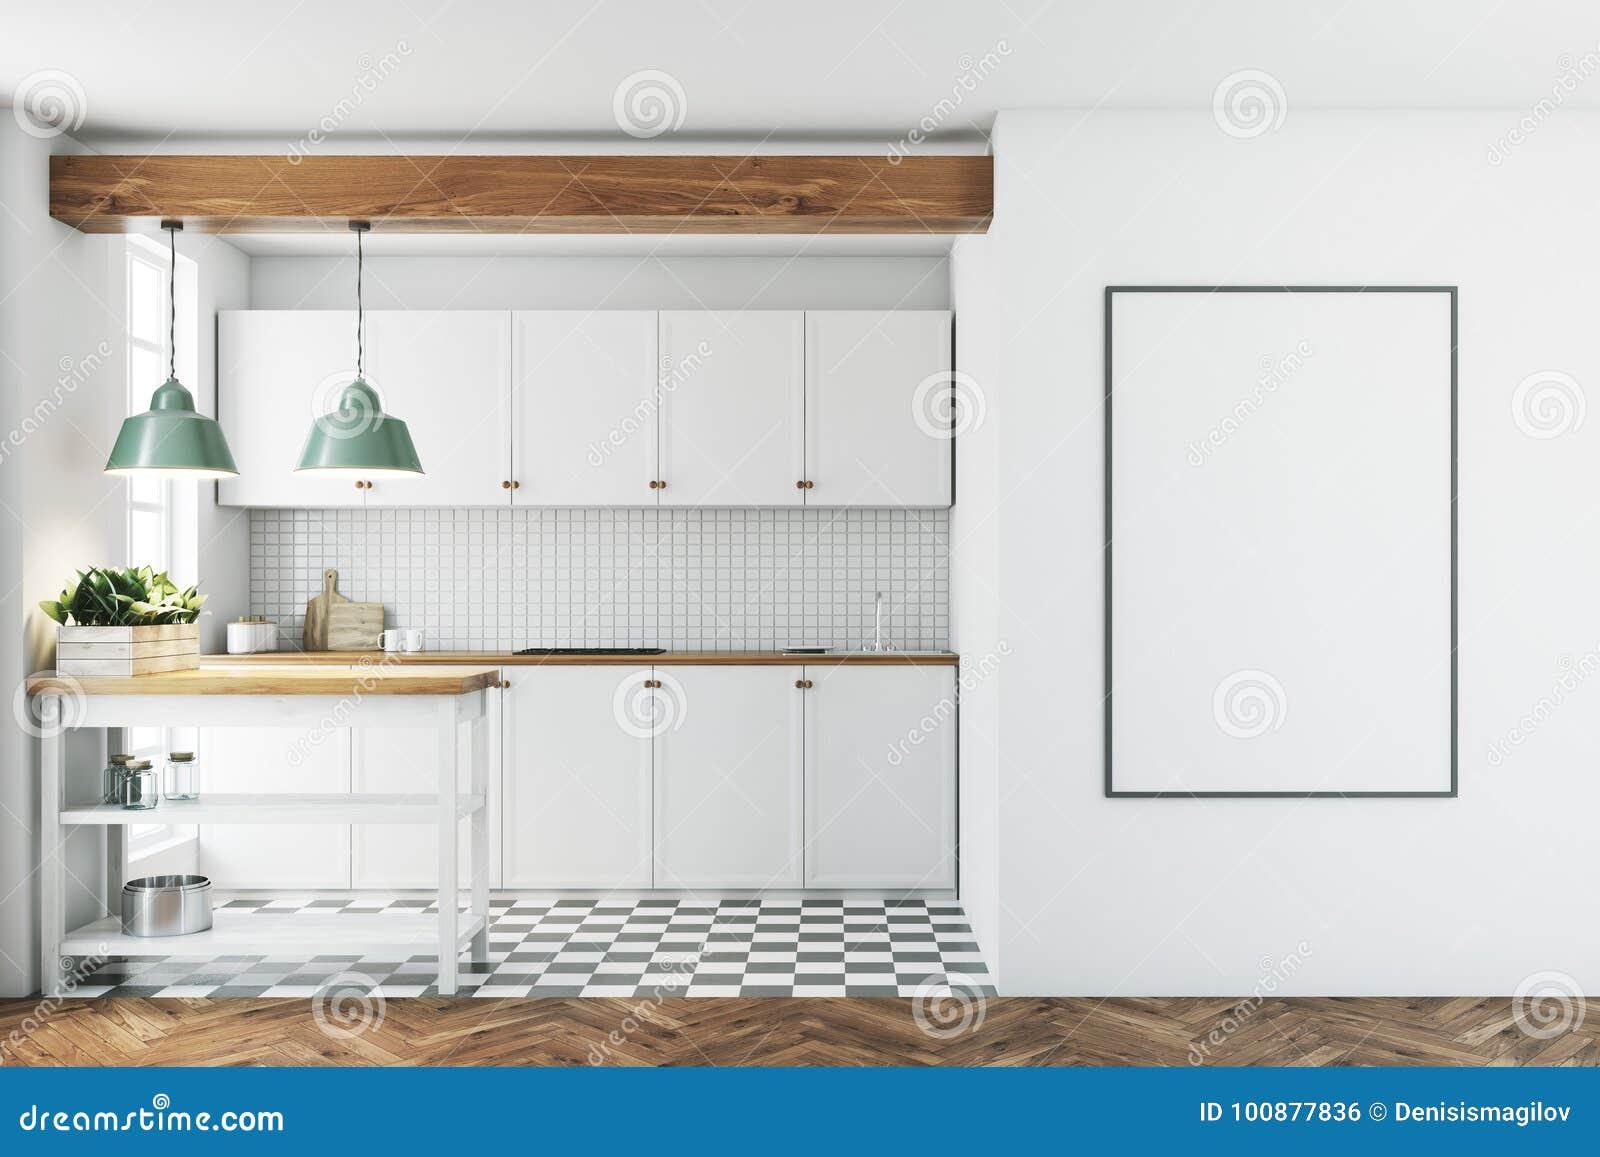 White Kitchen Interior, Tiled Floor, Poster Stock Illustration ...